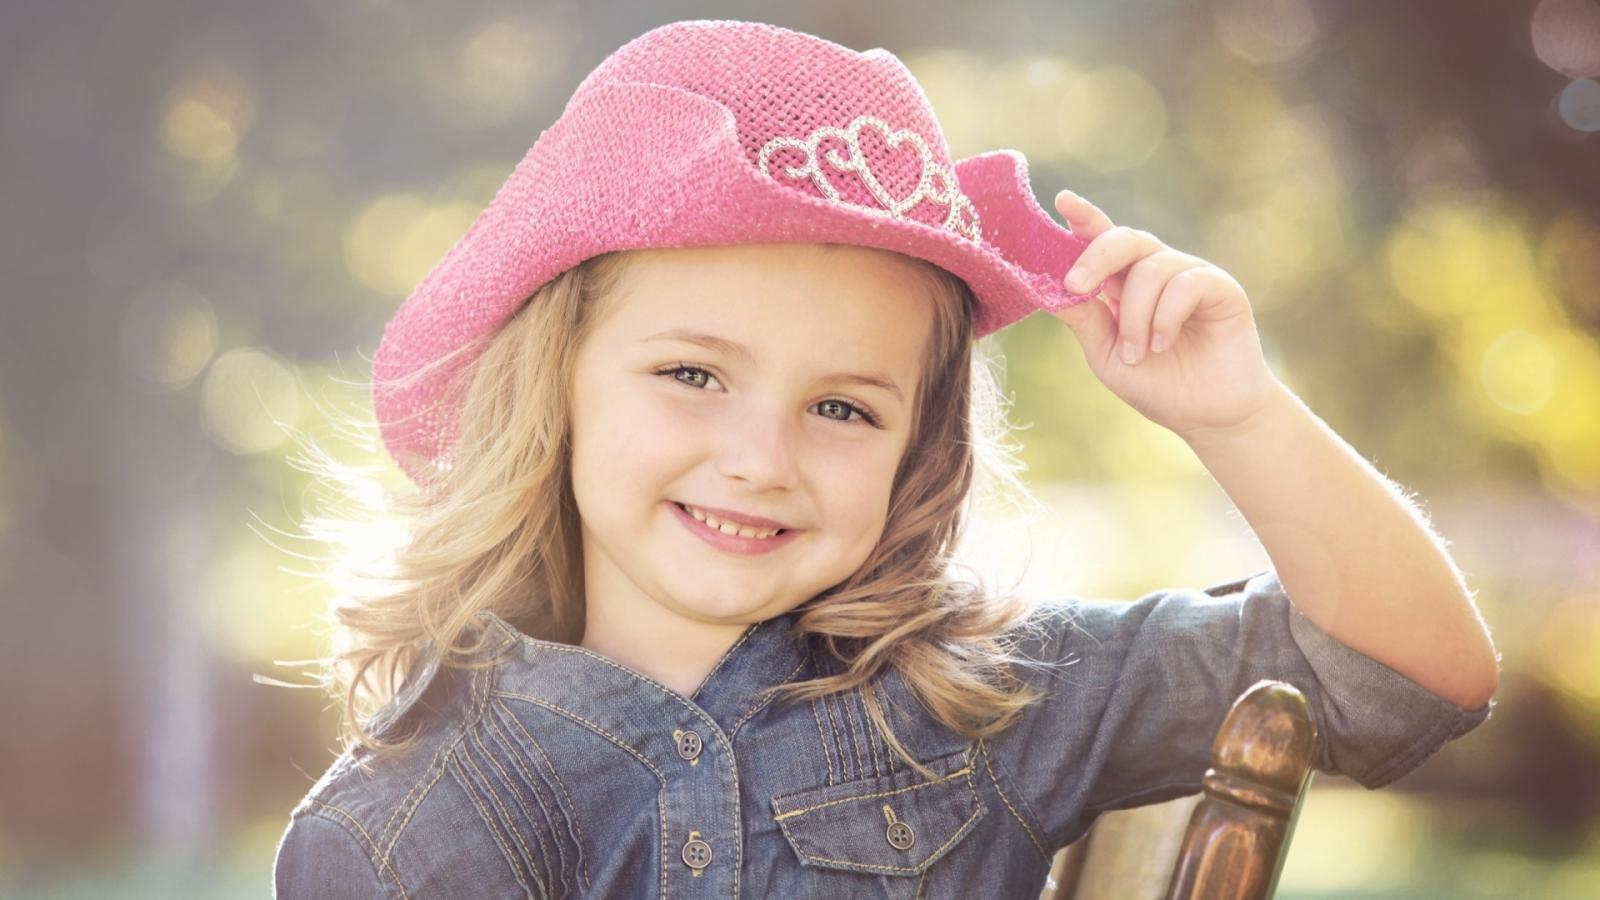 صور بنات حلوة 2020 اجمل بنات عسولات صور بنات كيوت جميلة 16